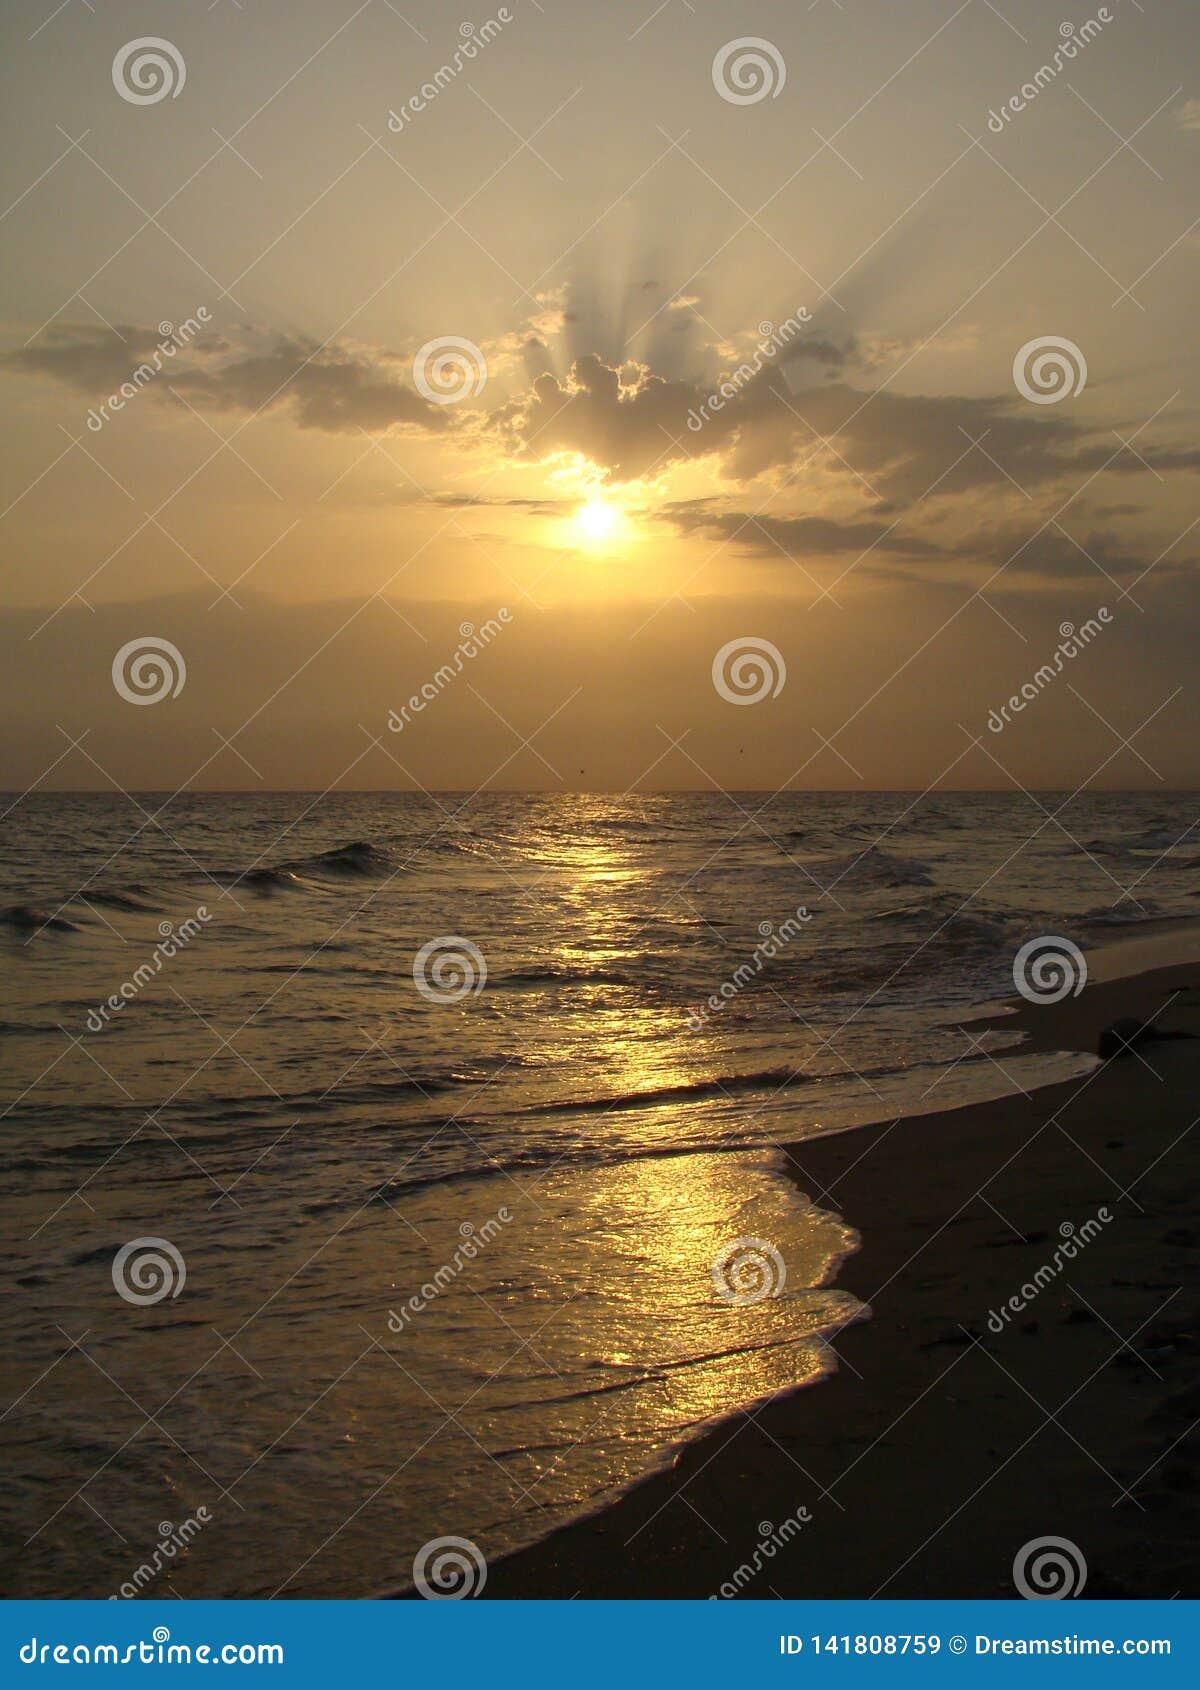 Sea_001